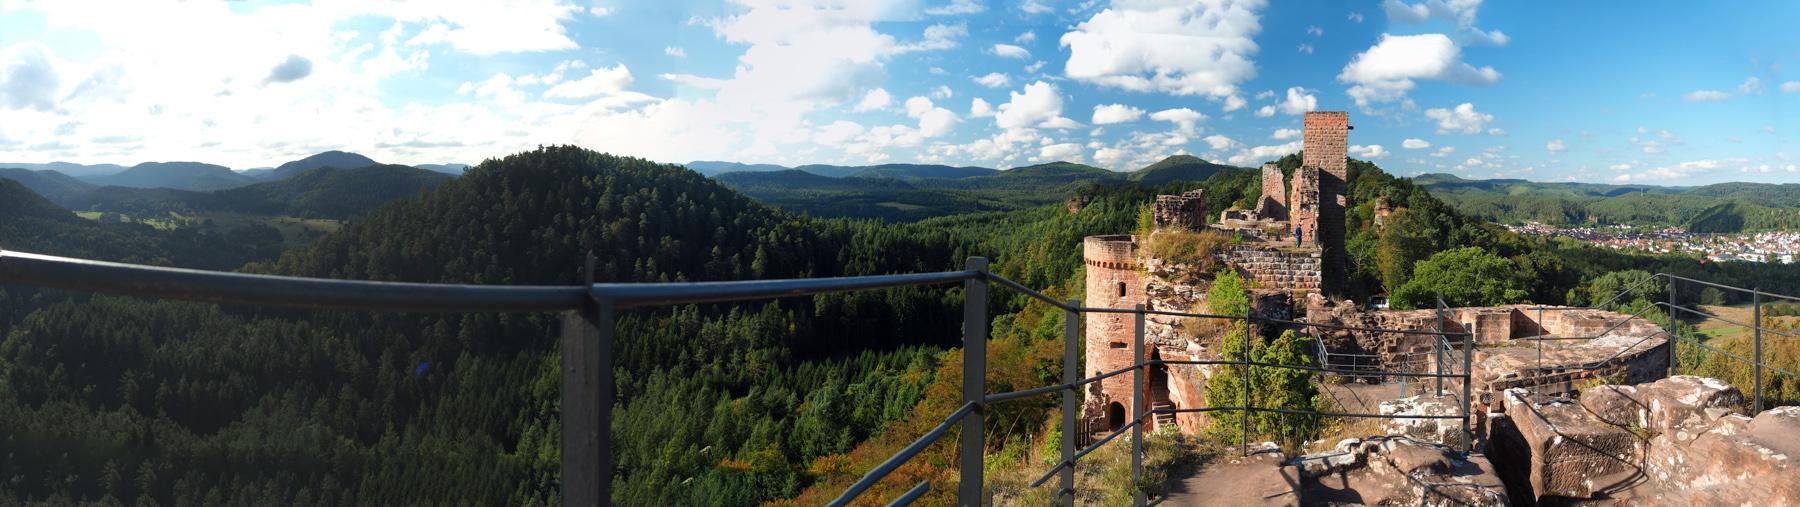 Pfätzler Wald Blick von Ruine Altdahn (Bild: Der Weg)